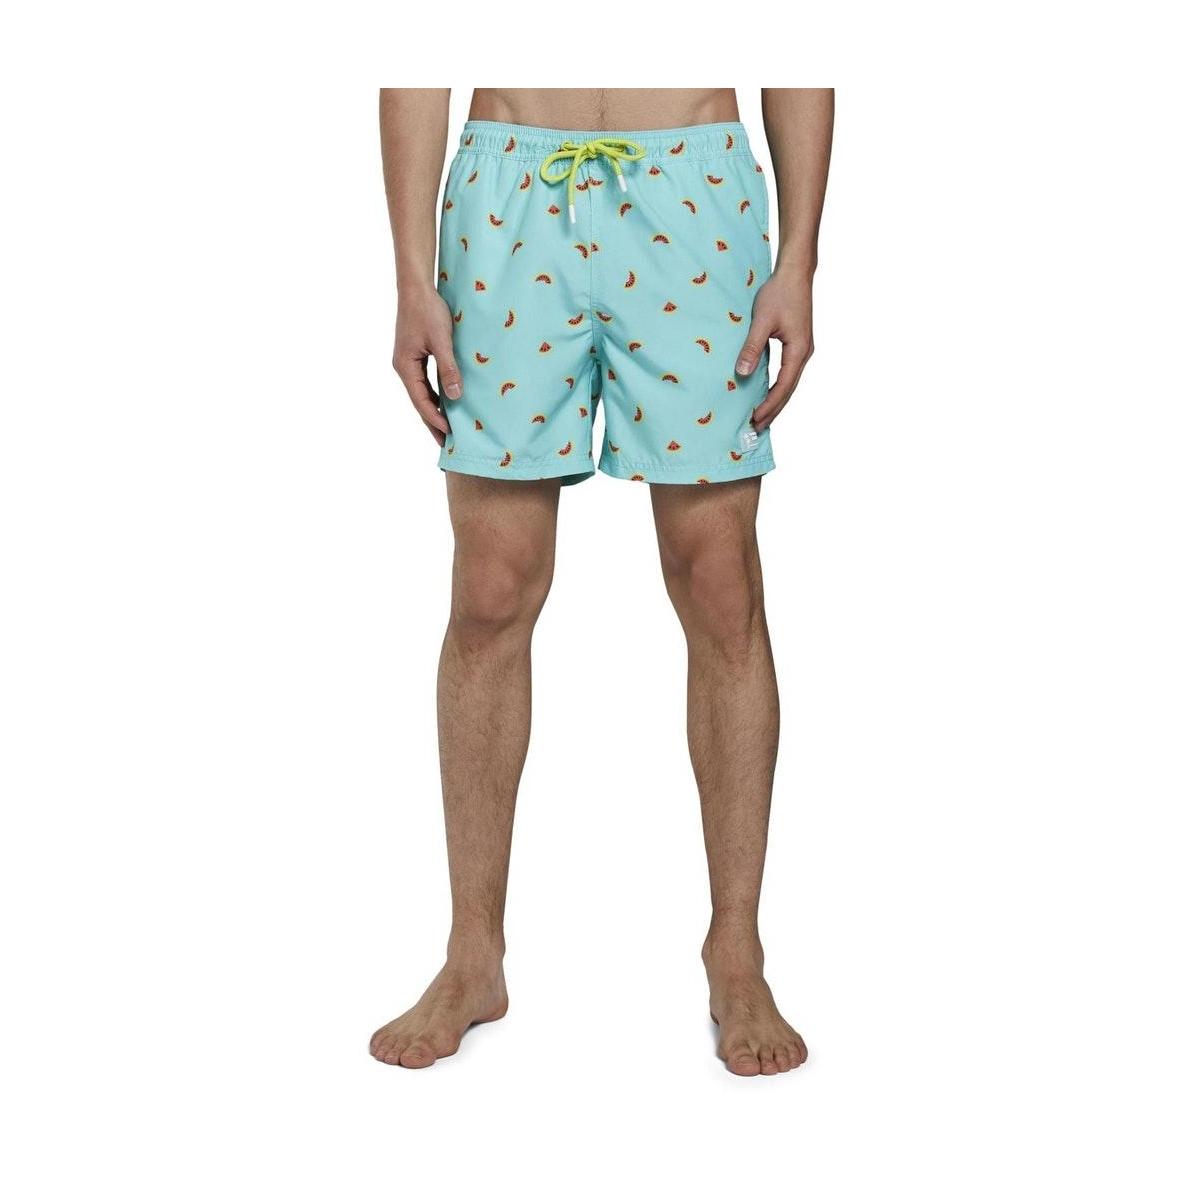 zwembroek met all over patroon 1016978xx12 tom tailor korte broek 22032